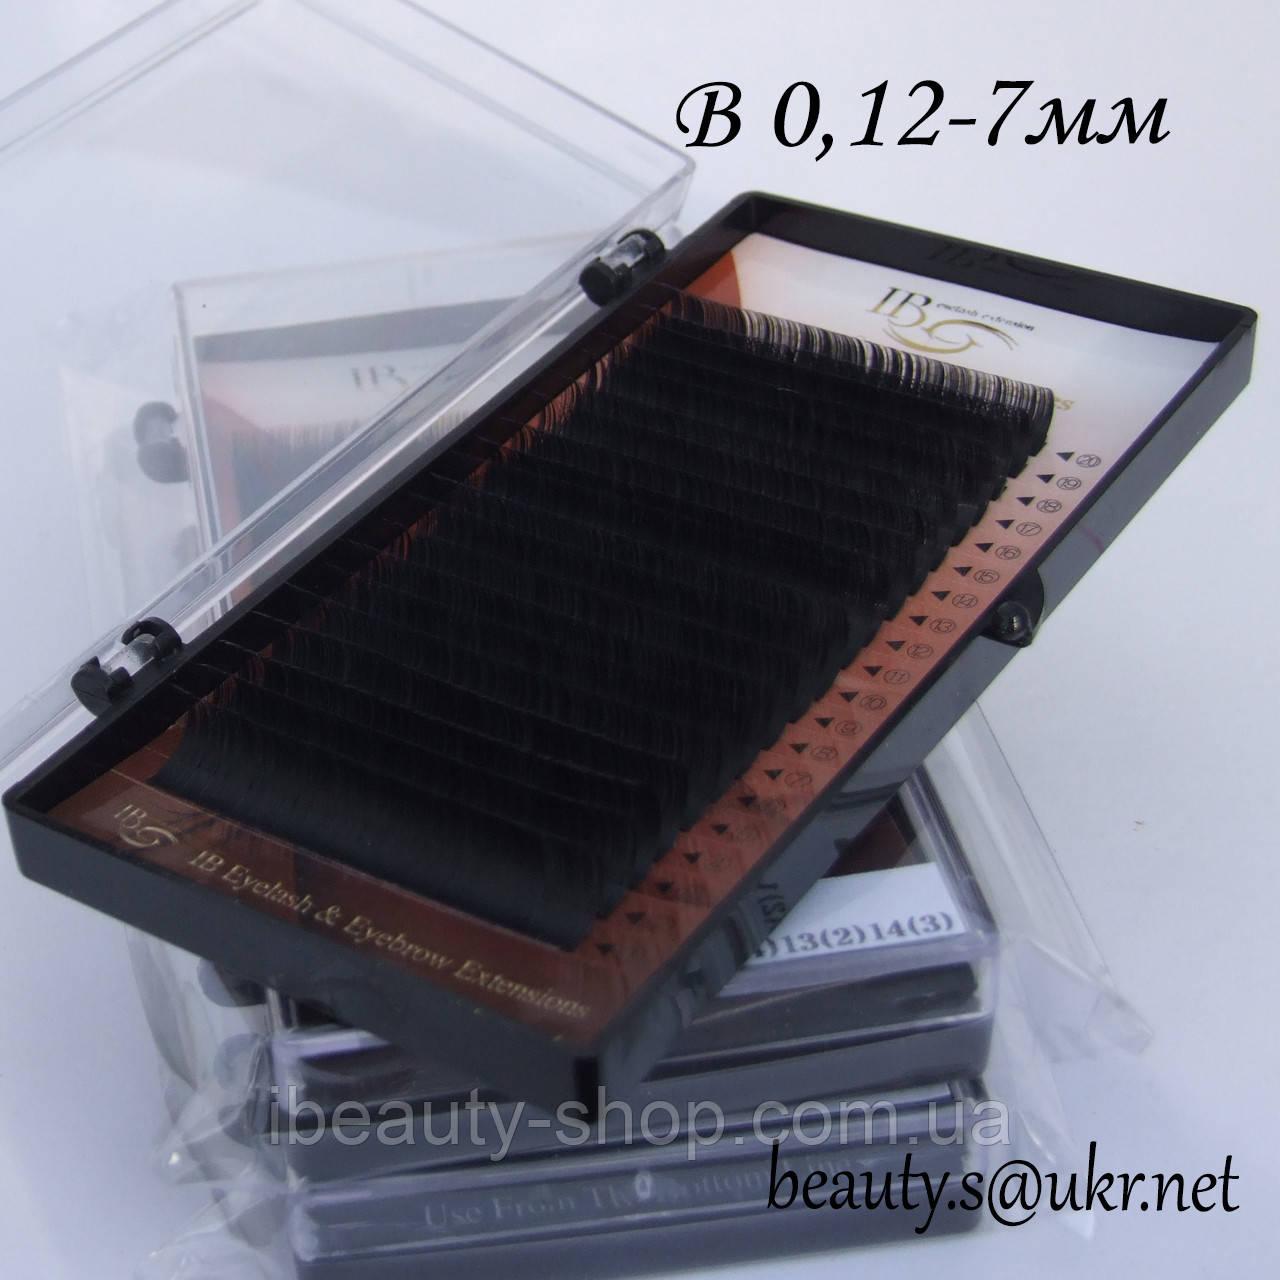 Ресницы I-Beauty на ленте B-0,12 7мм